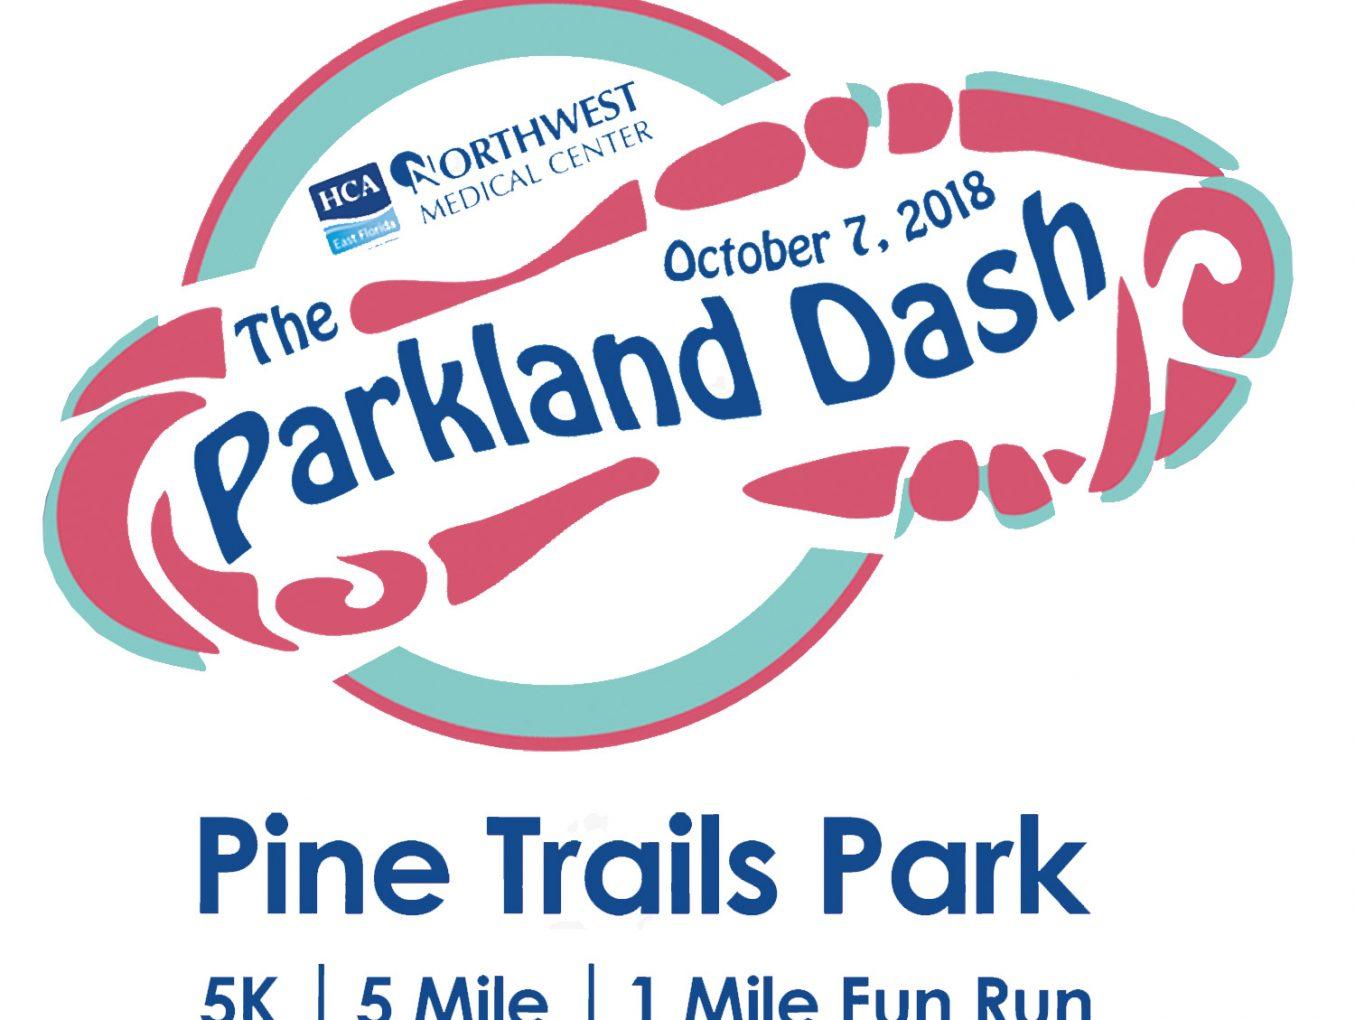 Parkland Dash